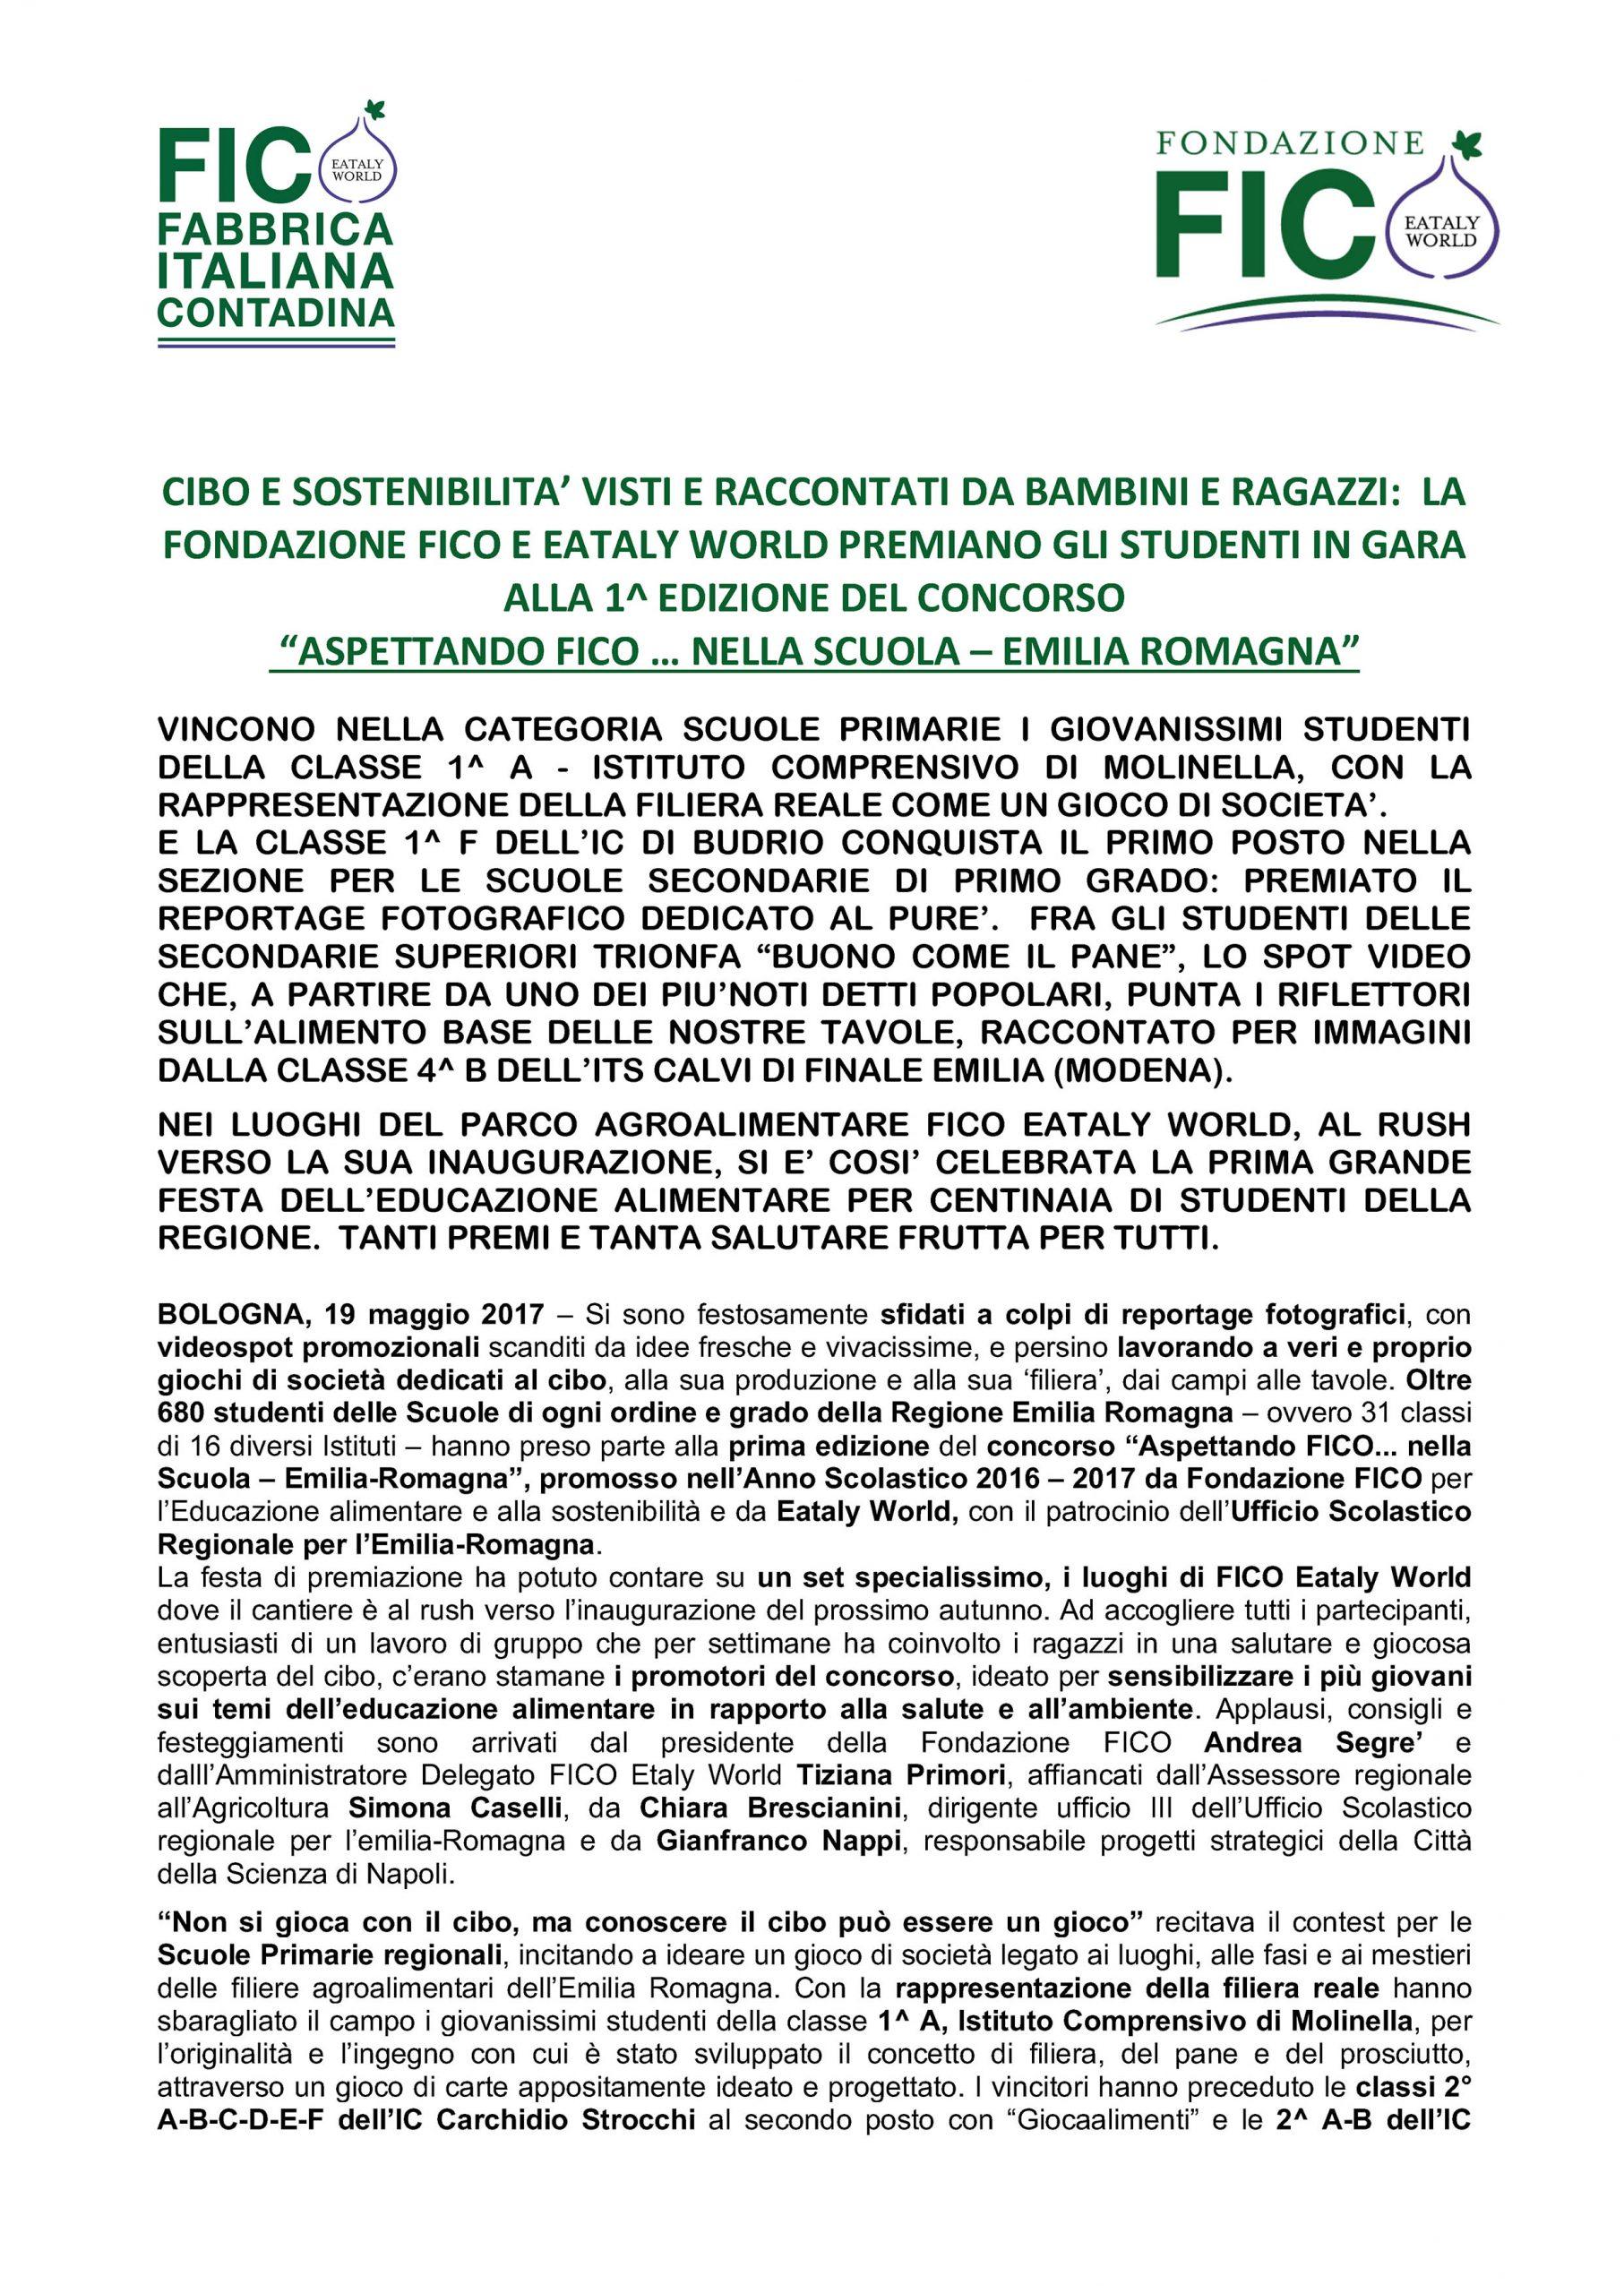 CS-0003-Ppremiazione-FondazioneFico-19-05-2017_Pagina_1